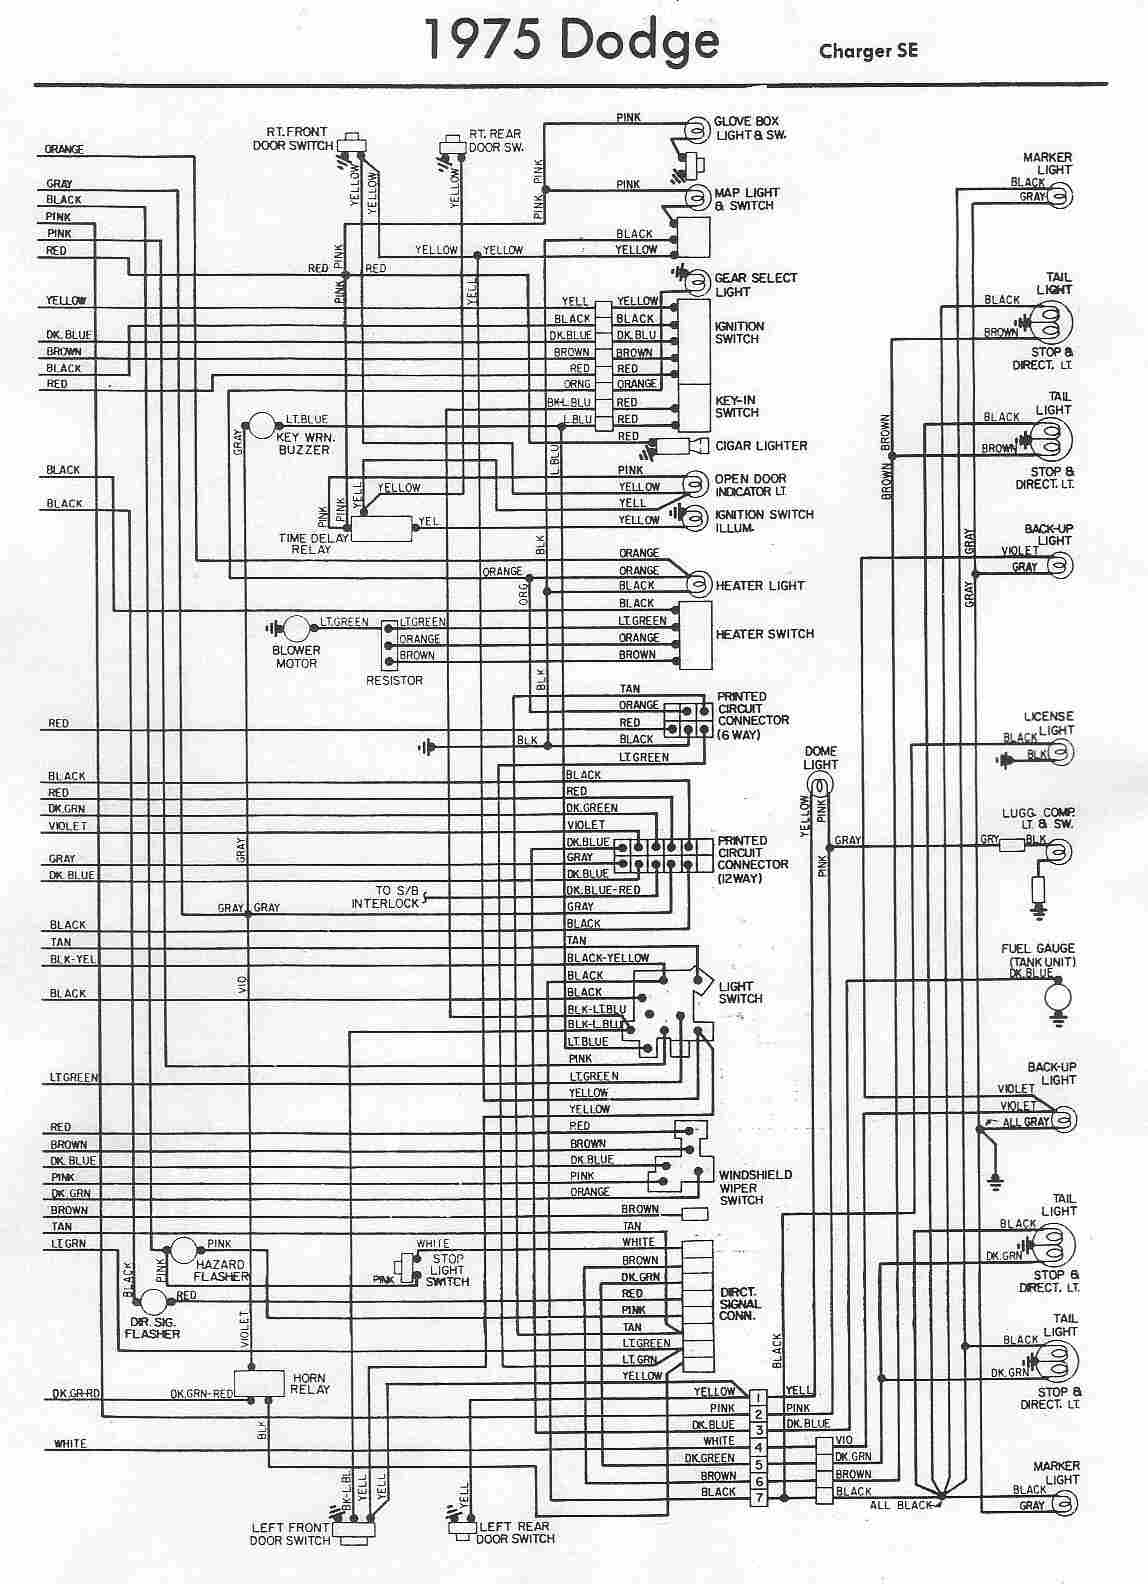 318 engine wiring diagram 2 10 sandybloom nl \u2022318 engine electrical diagram online wiring diagram rh 14 immobilien stammtisch de 318 distributor diagram bmw